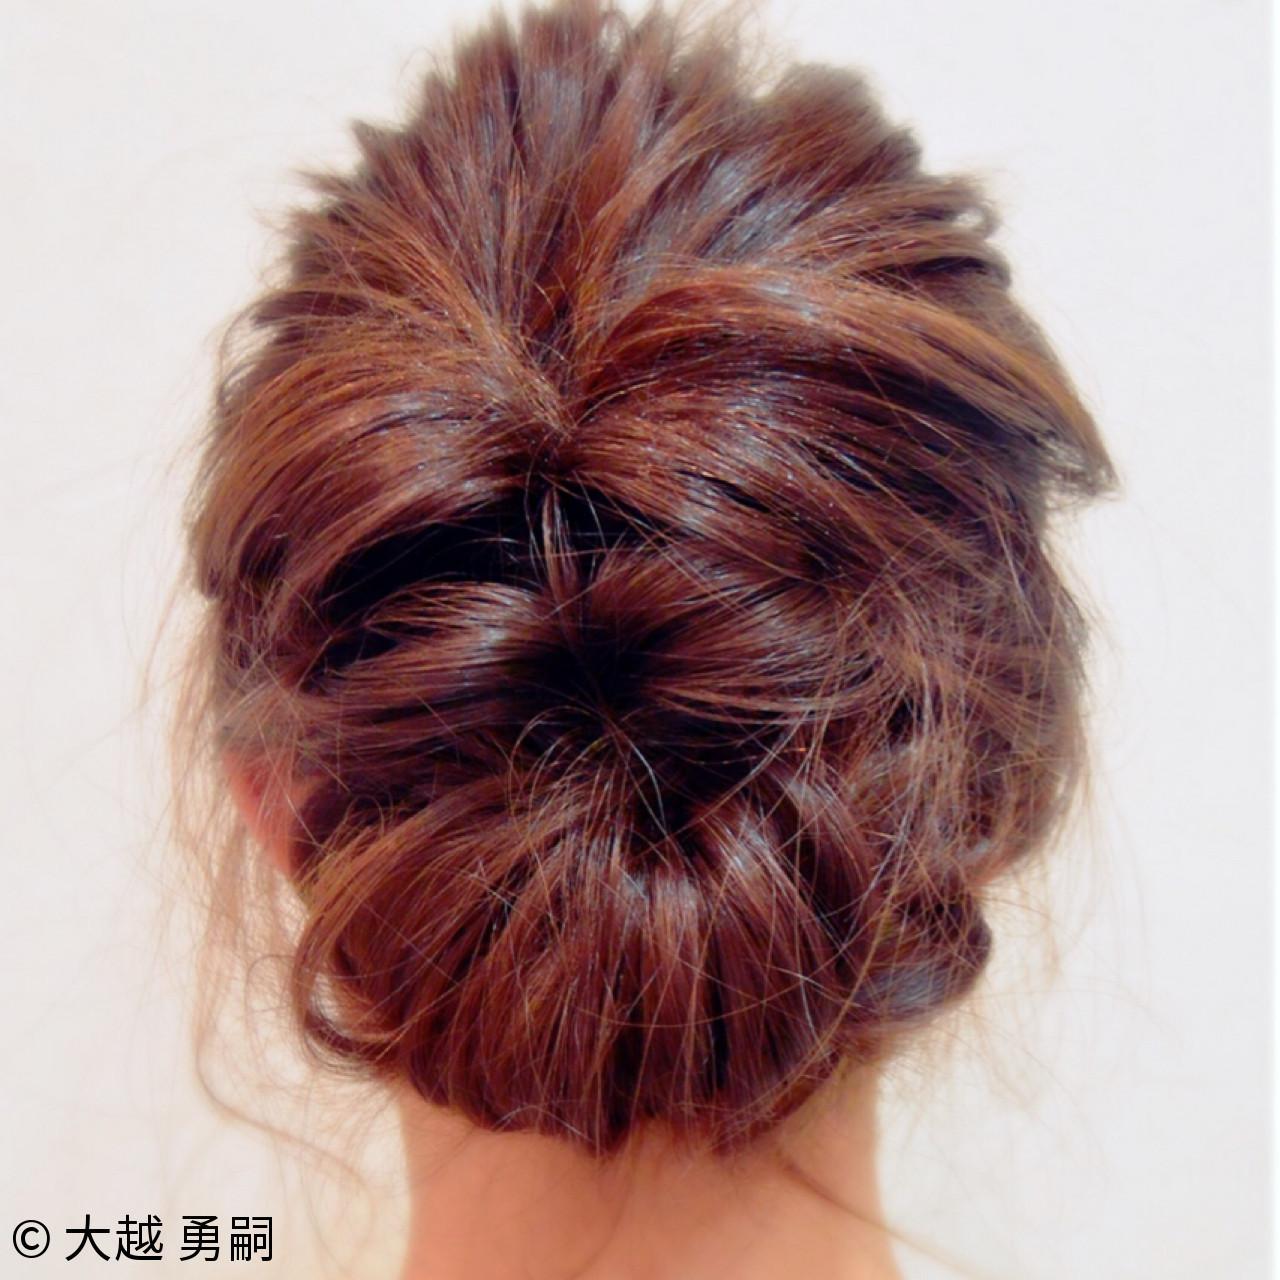 忙しい朝に◎簡単にまとめ髪が作れるロングヘアアレンジ集 大越 勇嗣